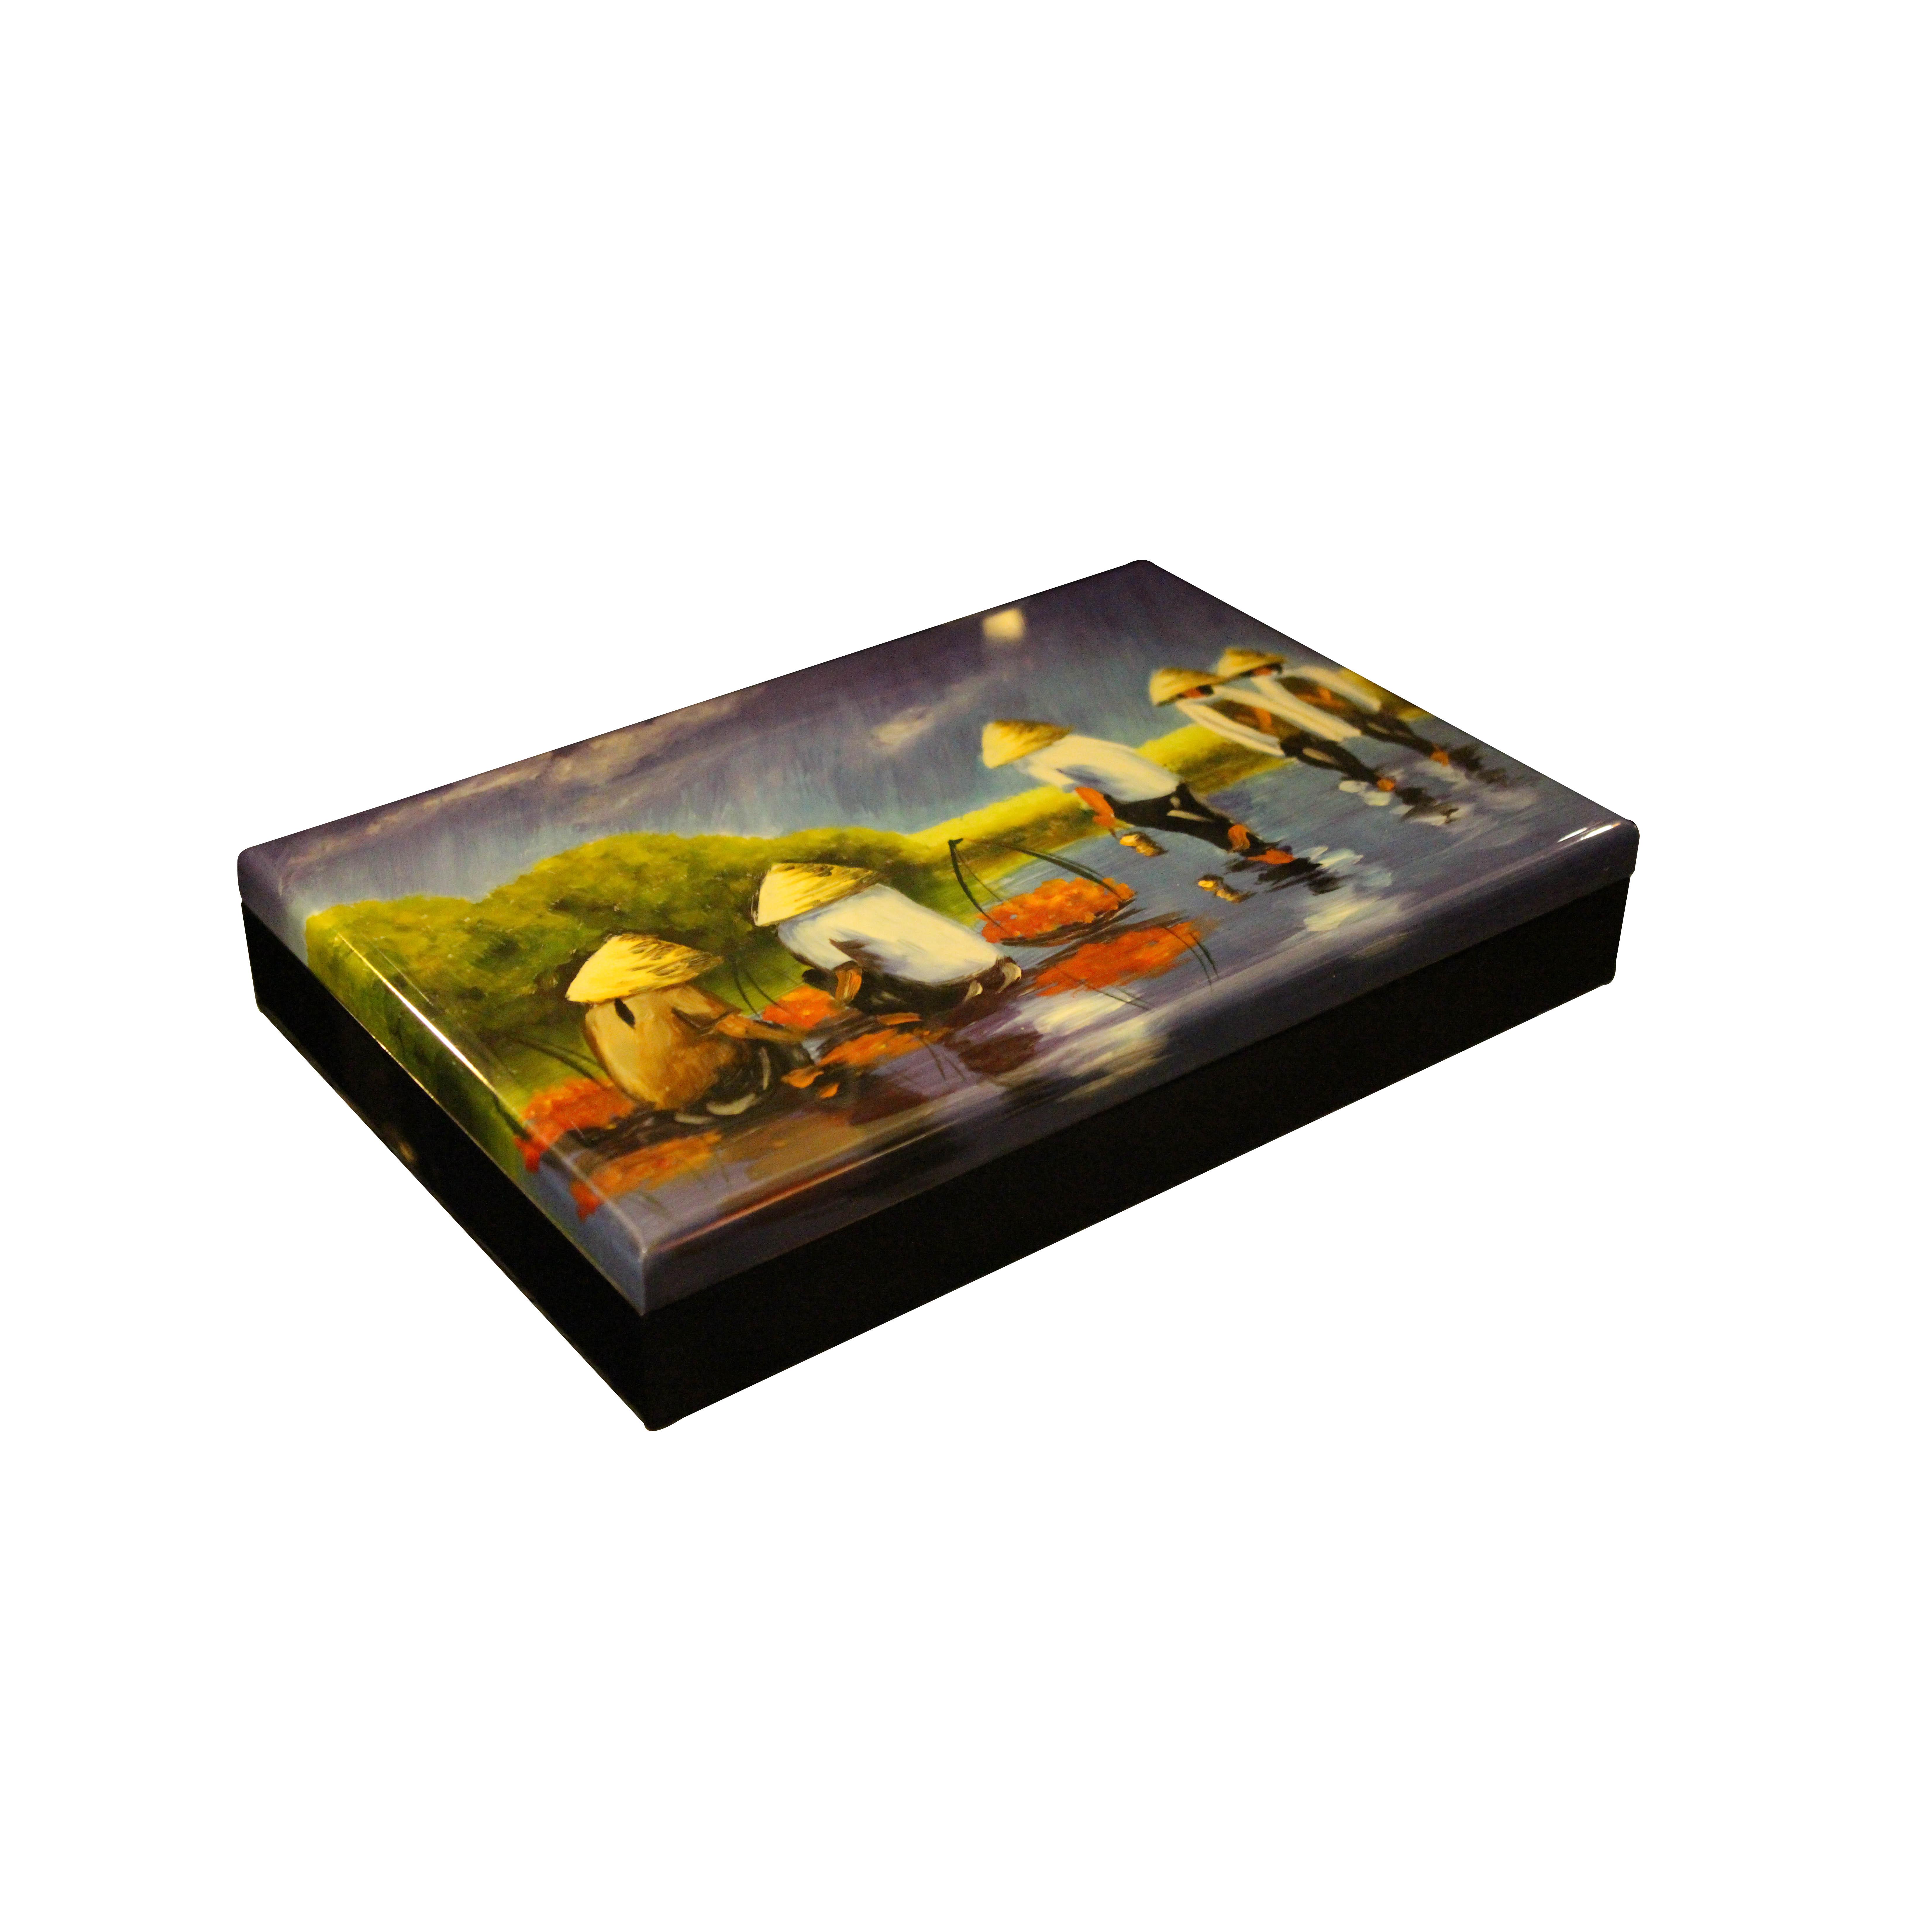 Vietnam Lacquer Box